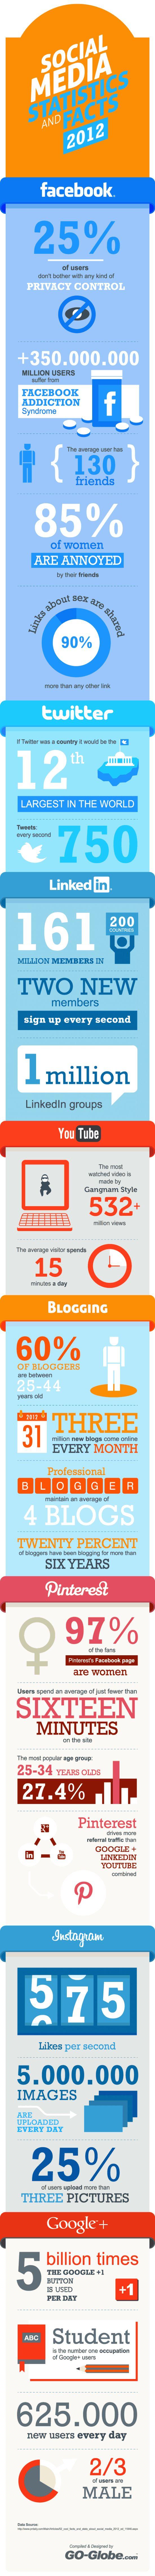 Anecdotes et statistiques sur les réseaux sociaux en 2012 #SocialMedia #Stats